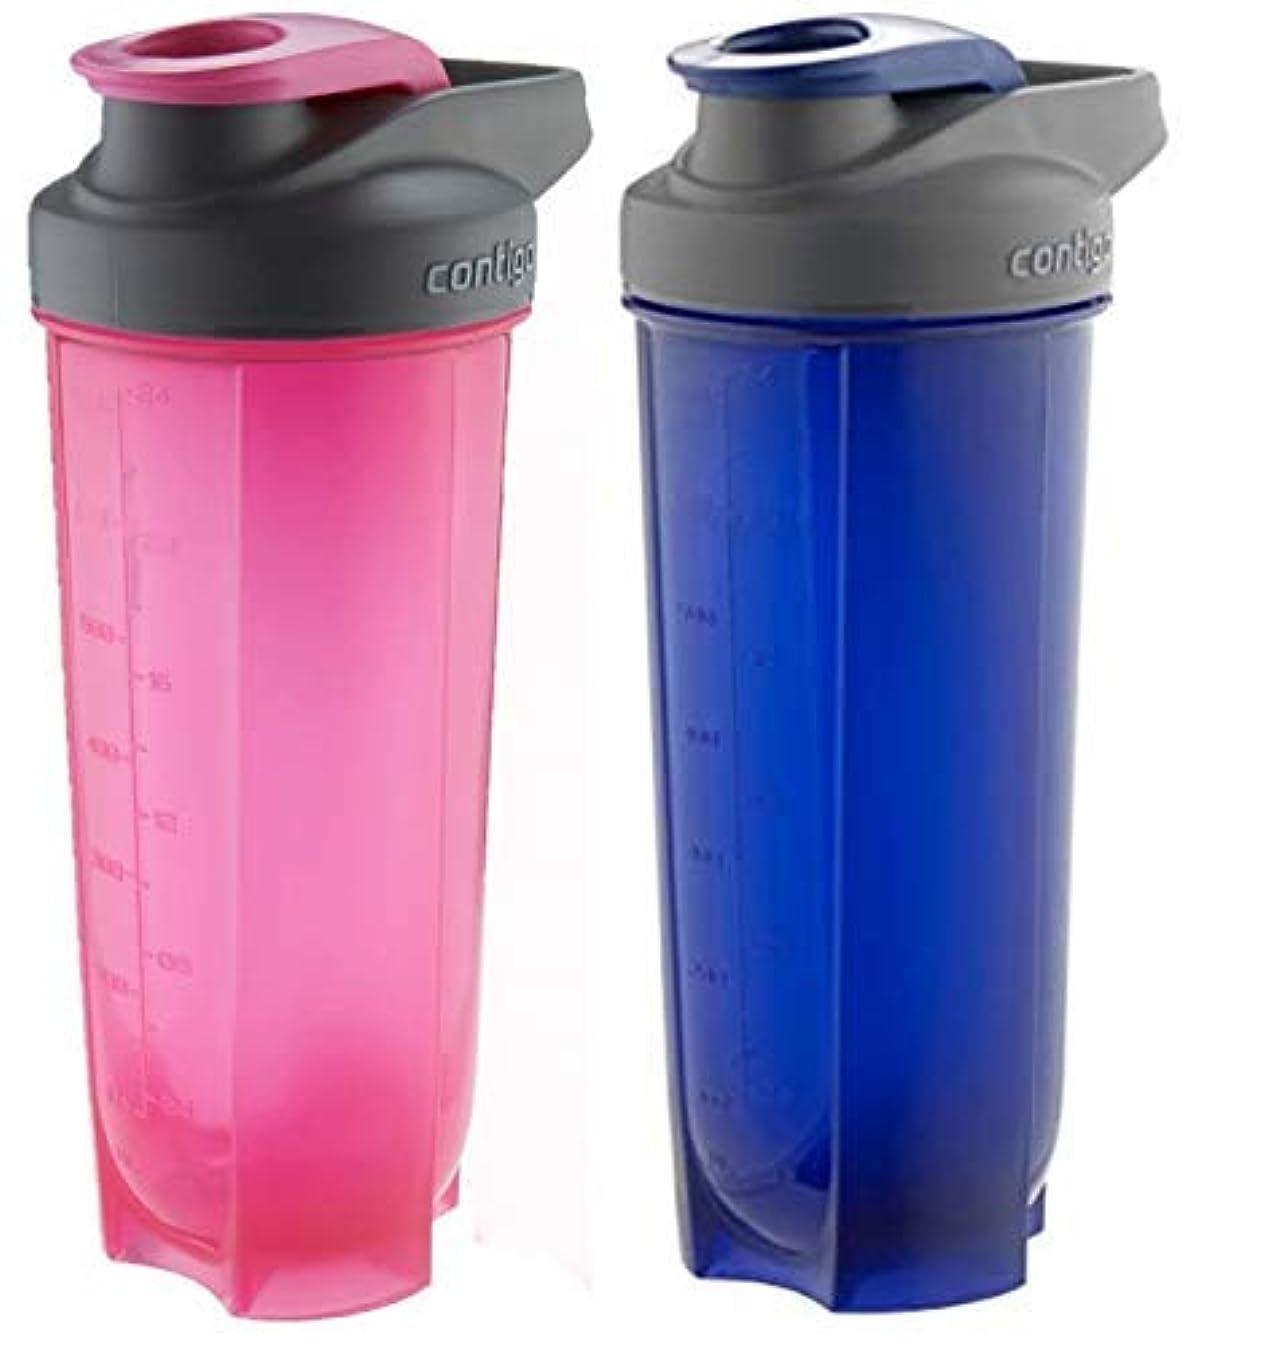 関係ないミュージカル閉じ込めるContigo Shake & Go Fit Bottles, 28 Oz / 828 ml Each, Two Pack, Pink & Blue, His & Hers Shaker Bottles [並行輸入品]